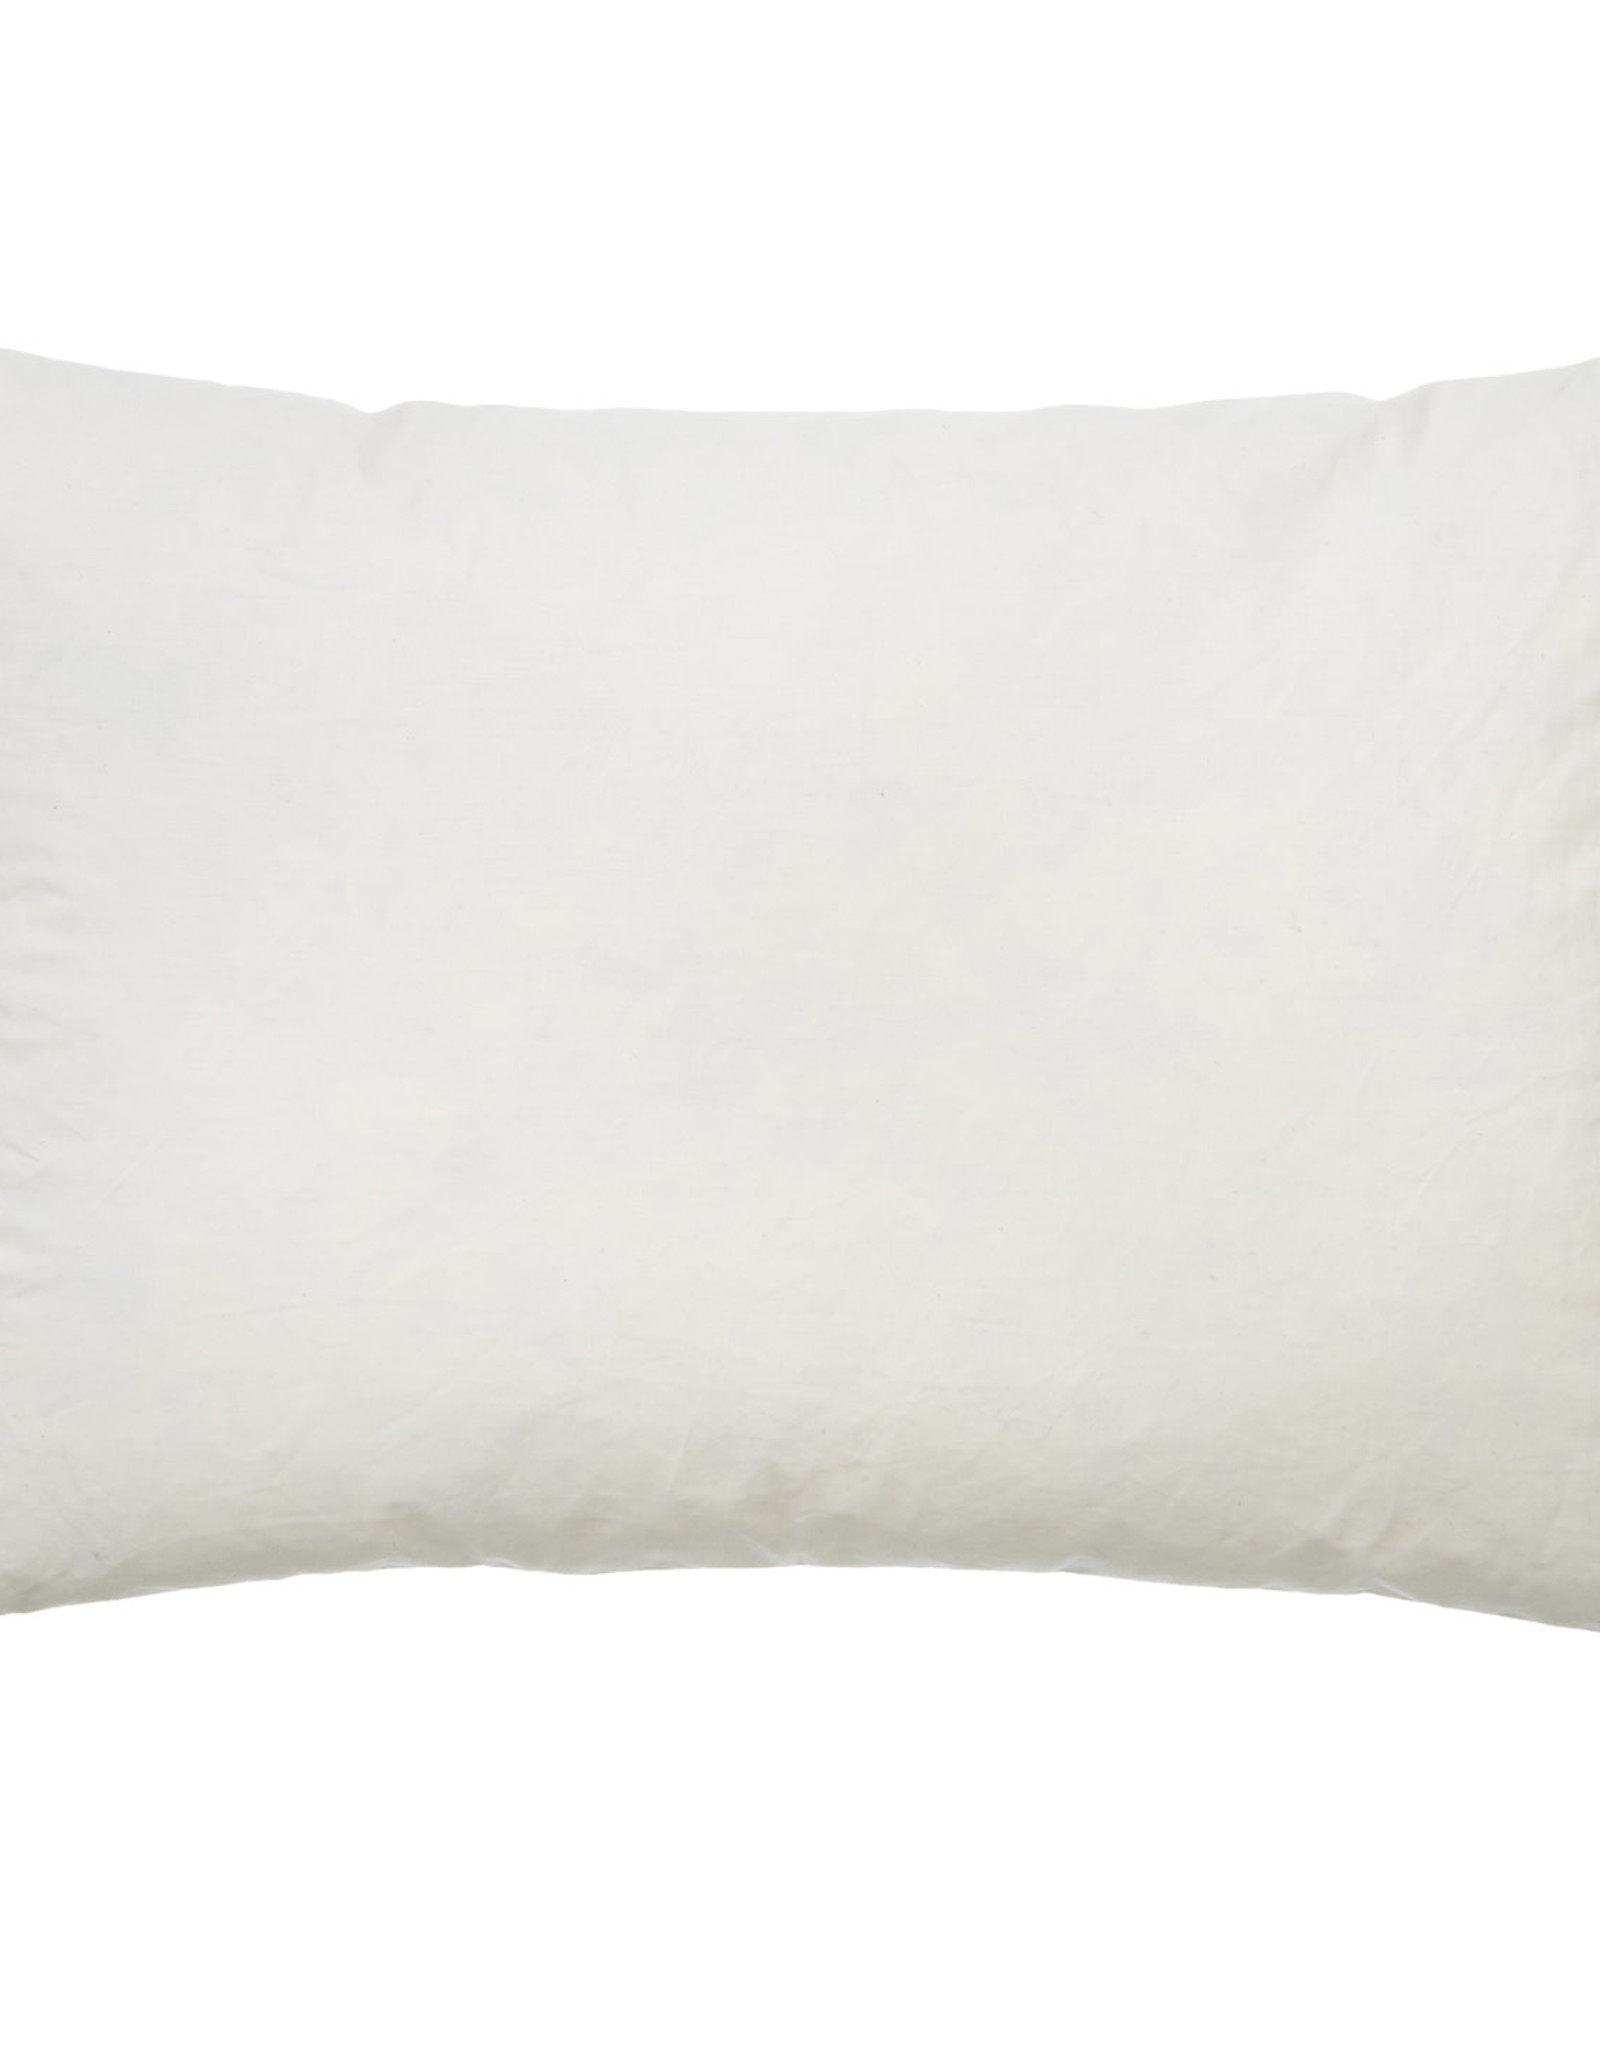 Bungalow Cushion Filling 33 x 35 cm